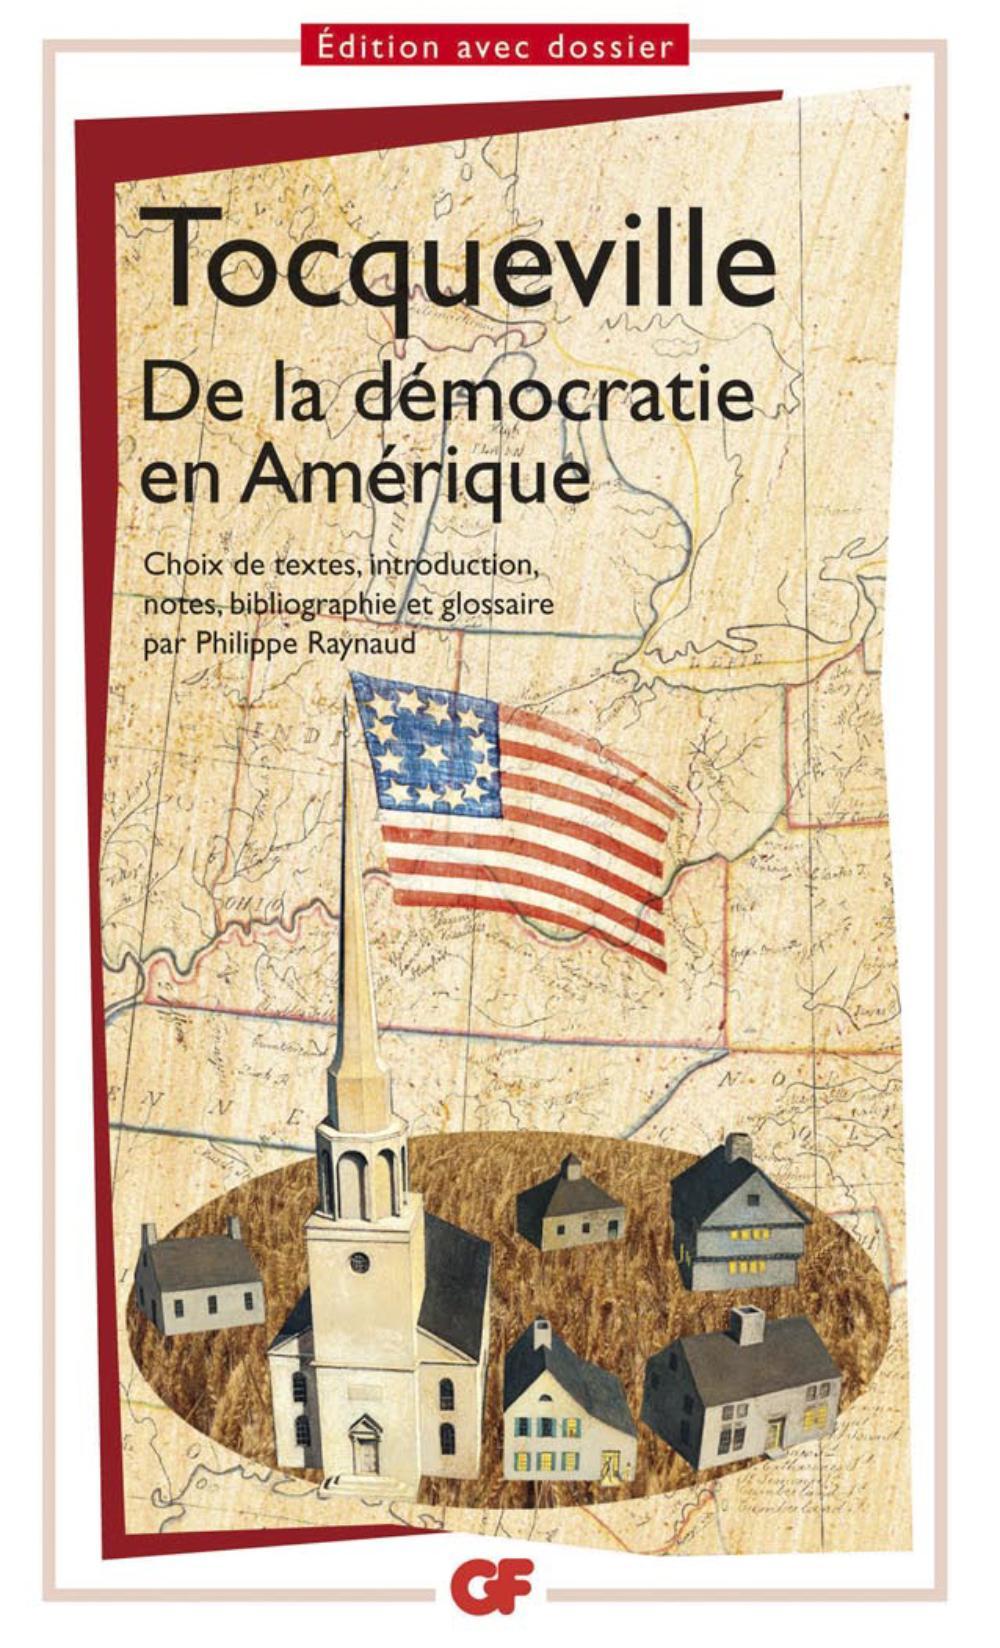 De la démocratie en Amérique (choix de textes)